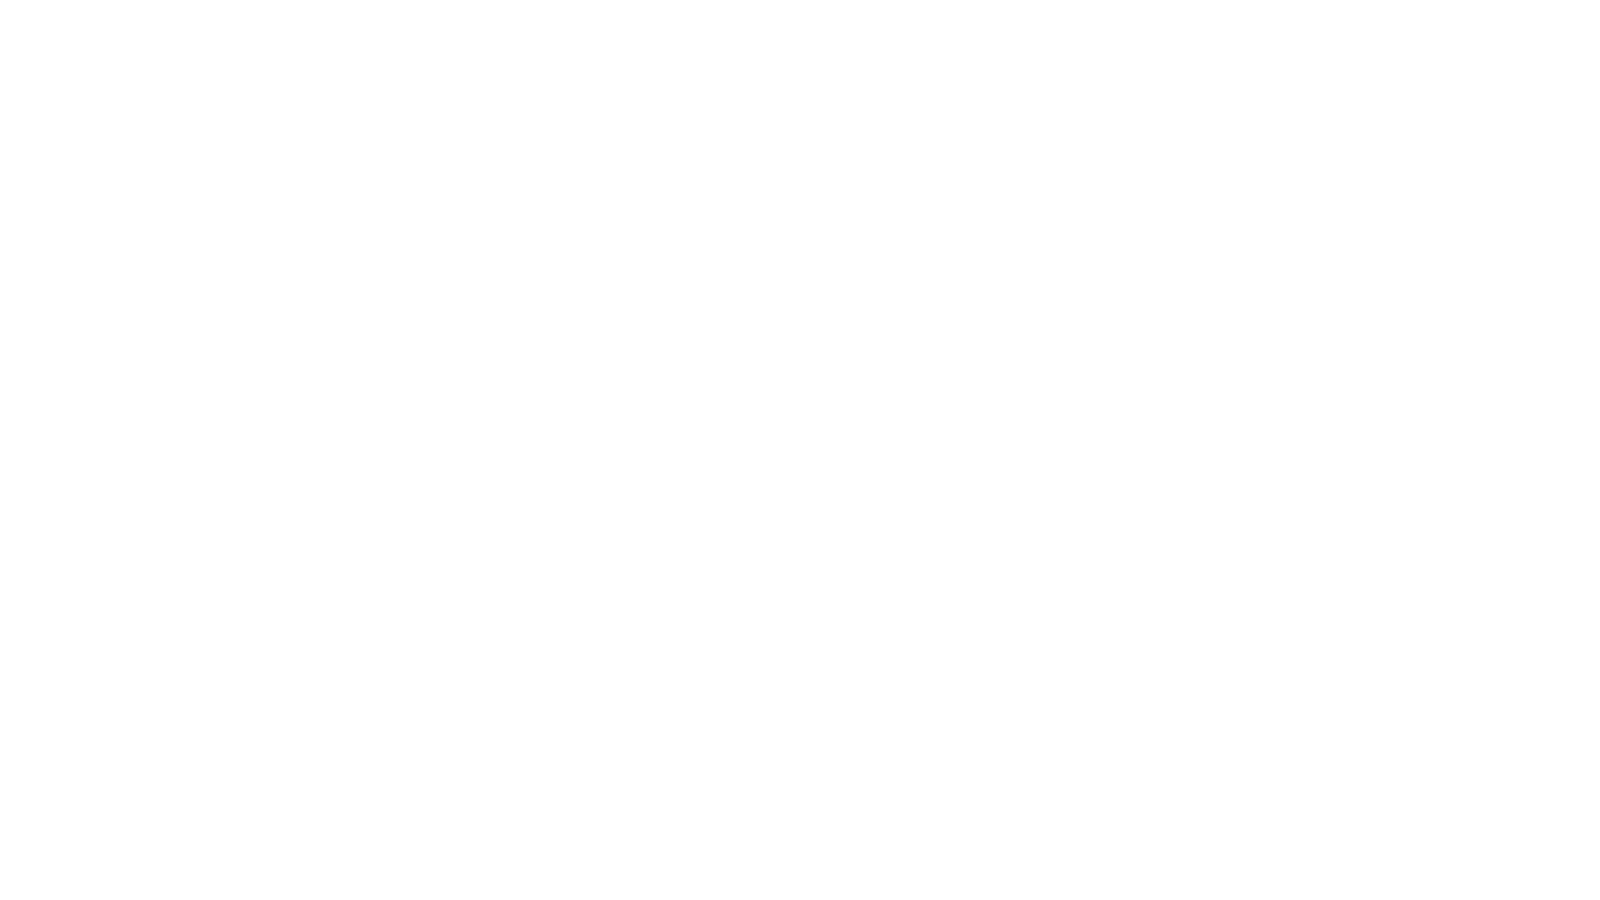 ワイドジャンピングスクワットはバーピージャンプと同じようにHIITと相性が良いトレーニングの一つです。下半身全体にまんべんなく刺激が入るので脚のトレーニングを行う日に取り入れると相性が良いでしょう。  トレーニーの為の筋トレ情報資料館「筋トレライブラリー」 https://dsblog.org/  アイハーブ紹介リンク https://iherb.co/vYCuffY ササキの紹介コードDAY6858使ってね!  TikTokやってます! https://vt.tiktok.com/ZSJREgjK2/  ソプラティコ狭山公式YouTubeチャンネル https://www.youtube.com/channel/UCBqThHvubLCUkQskyD9_nsw?view_as=subscriber  アクアリウム、メダカ飼育もやってます。 サブチャンネル ベランダメダカ部 https://www.youtube.com/channel/UCAKRHc5WH0gXA3-WLlNn64w instagram https://www.instagram.com/daichi_sasaki_ ソプラティコ狭山 http://sayama.sopratico.com/ アメブロ https://ameblo.jp/daygame198/ Twitter https://twitter.com/kimiiro00 質問箱 ↓質問はこちらでも受け付けてます! https://peing.net/ja/kimiiro00?event=0  #ワイドジャンピングスクワット #HIITトレーニング #1分で解る筋トレ解説 #筋トレライブラリー #ディーズブログ #UUUM